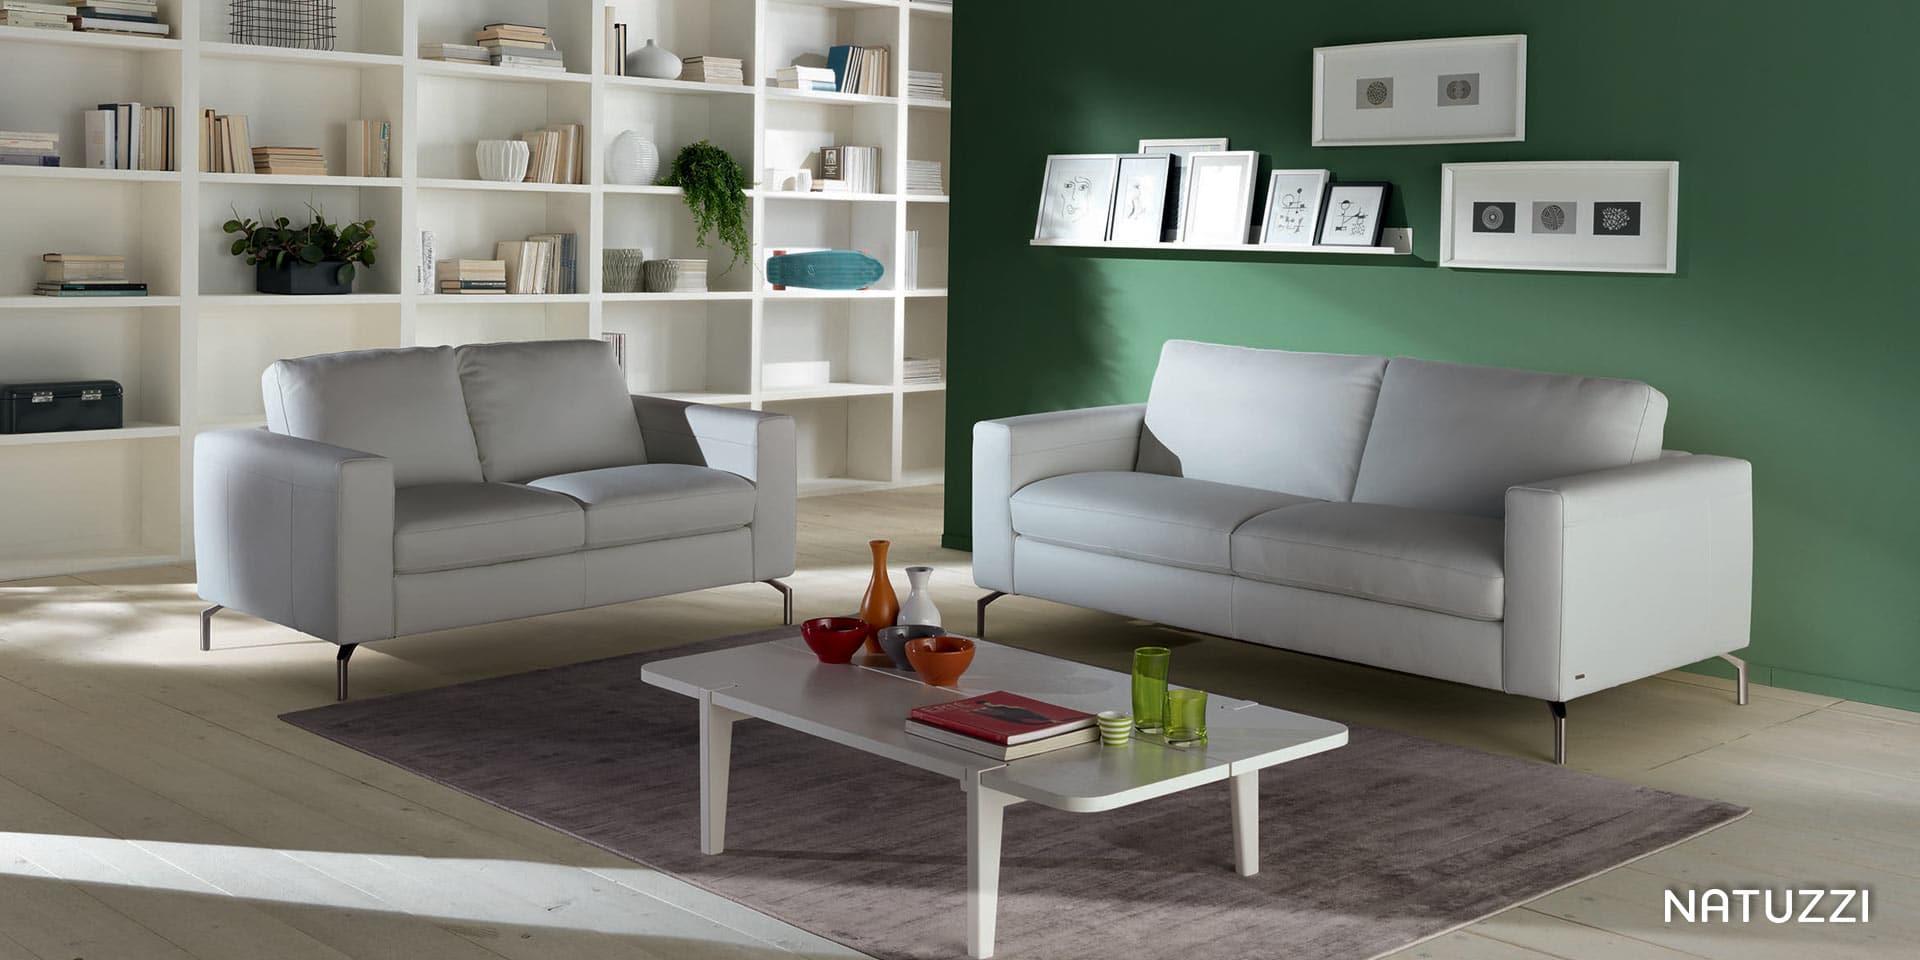 Natuzzi sofas